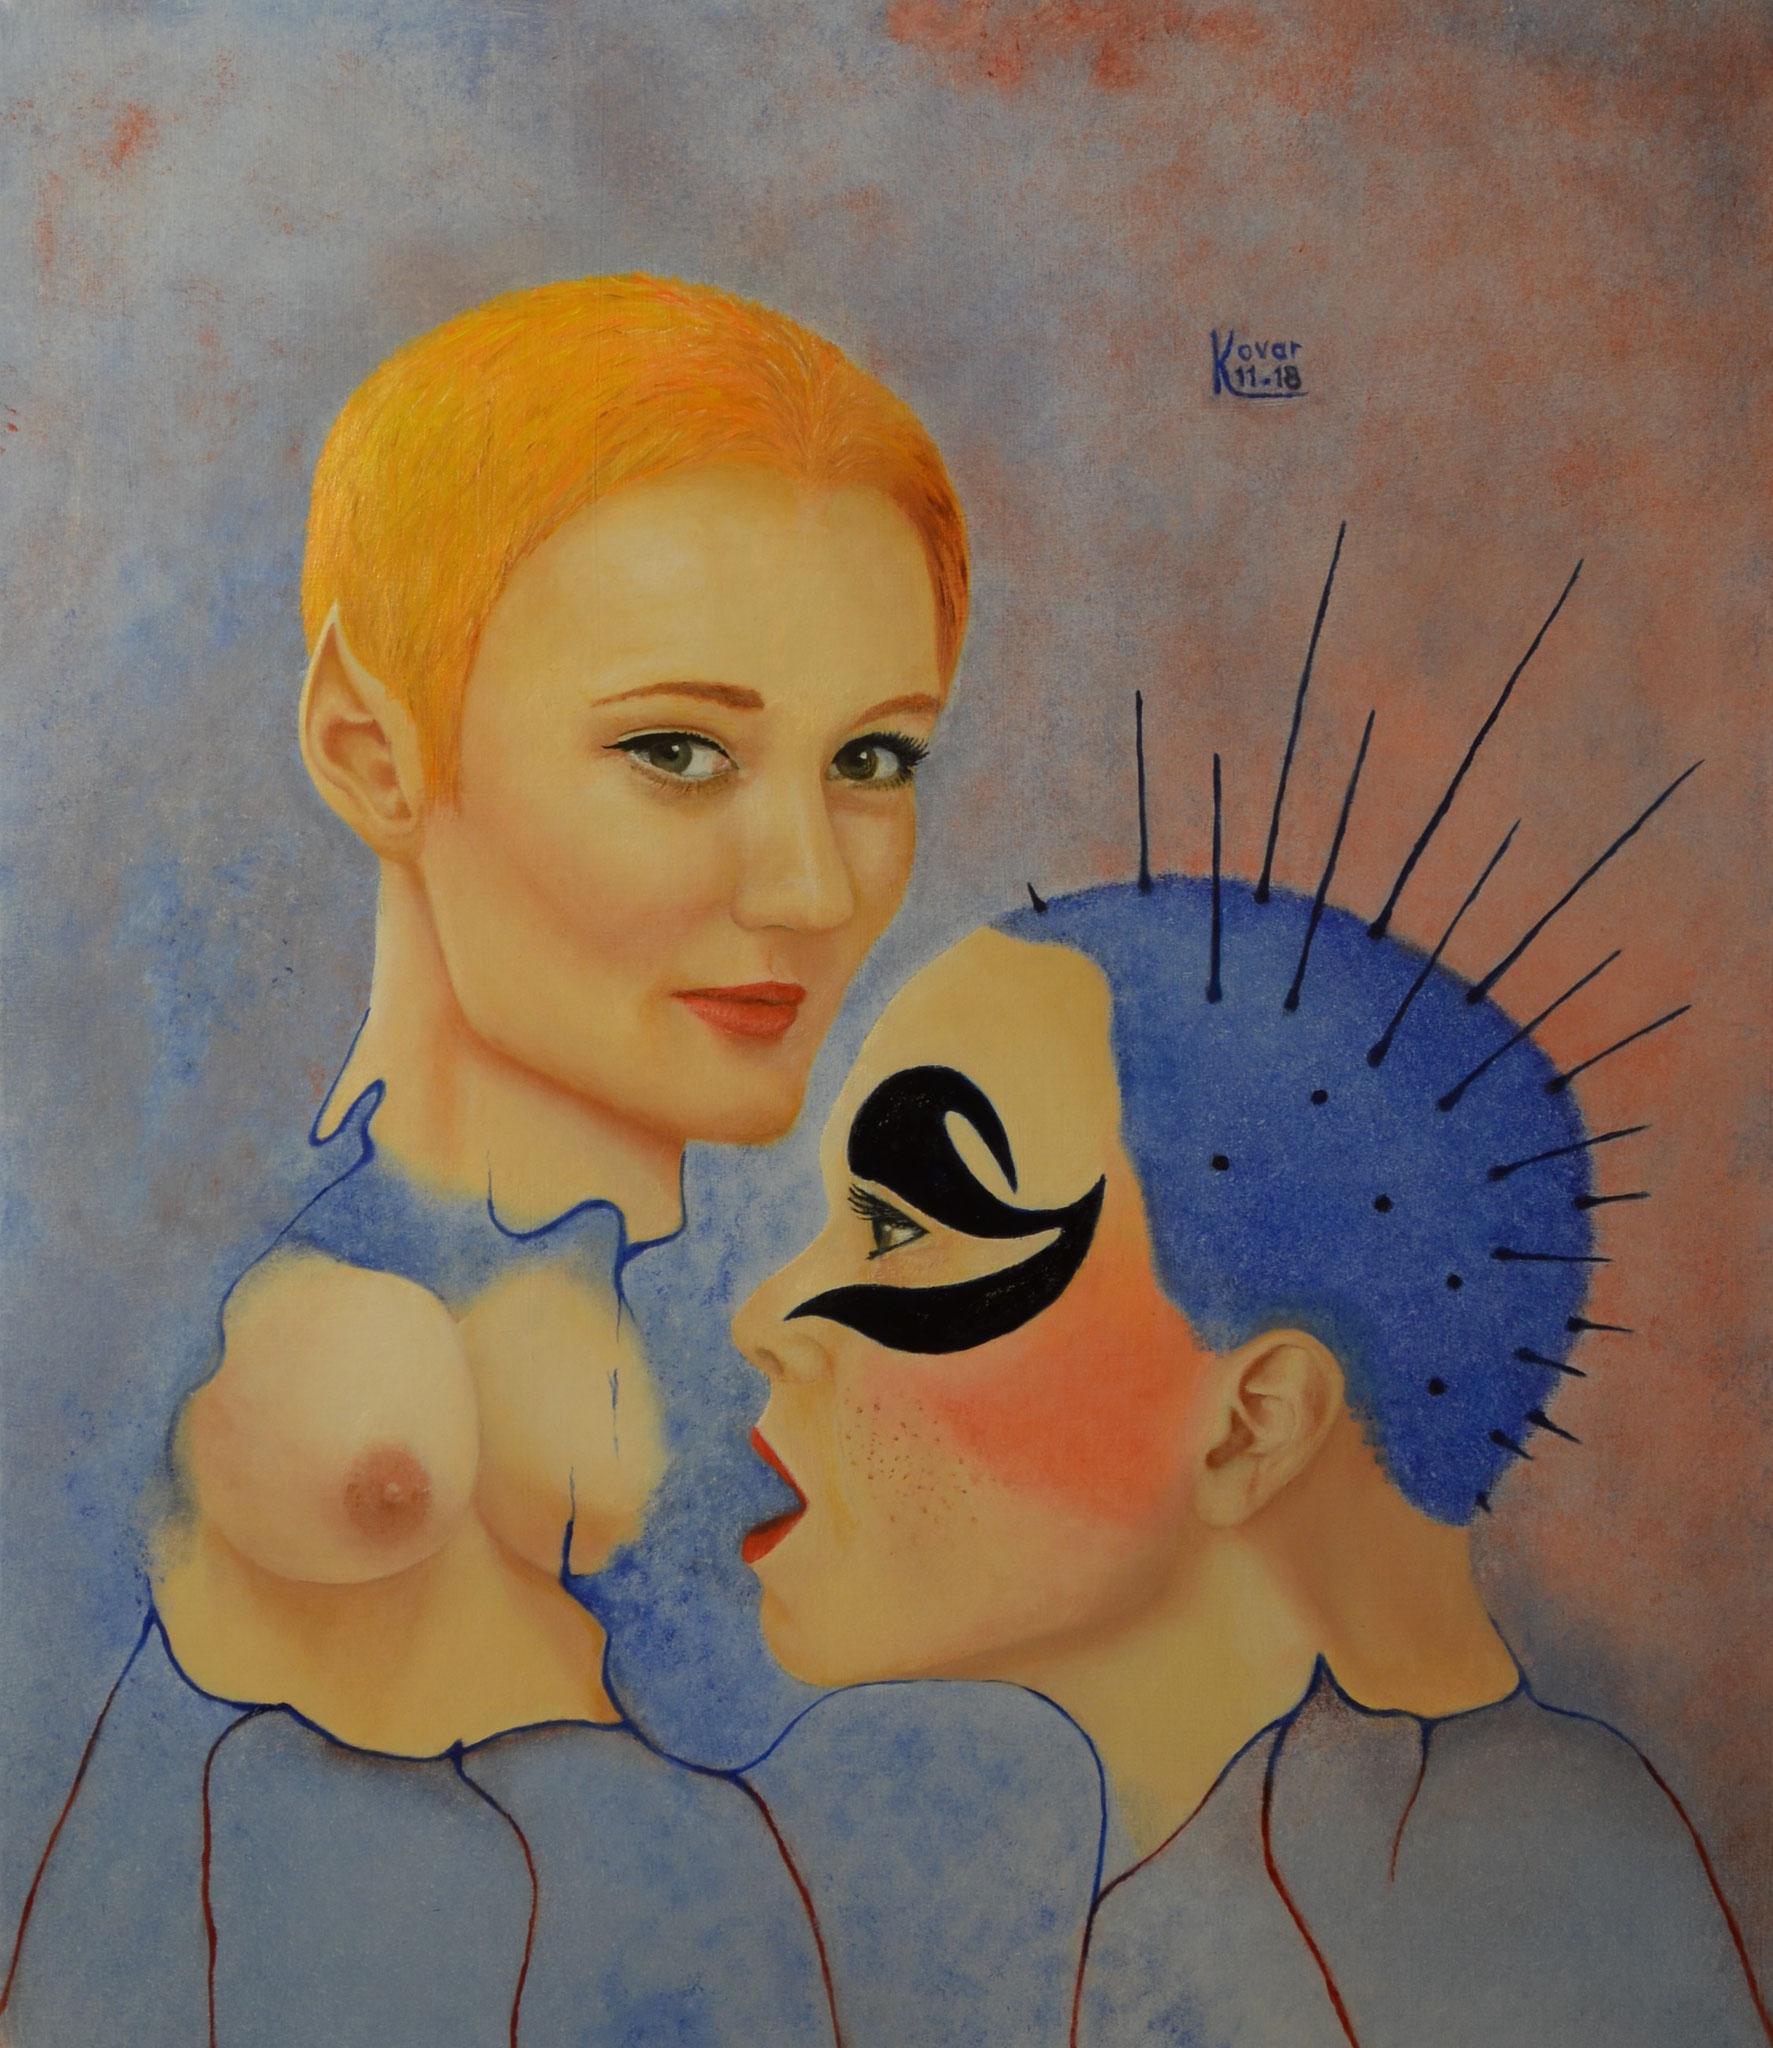 Illuminati; Öl auf Leinwand 40 x 46 cm, 2018. Oil on canvas.